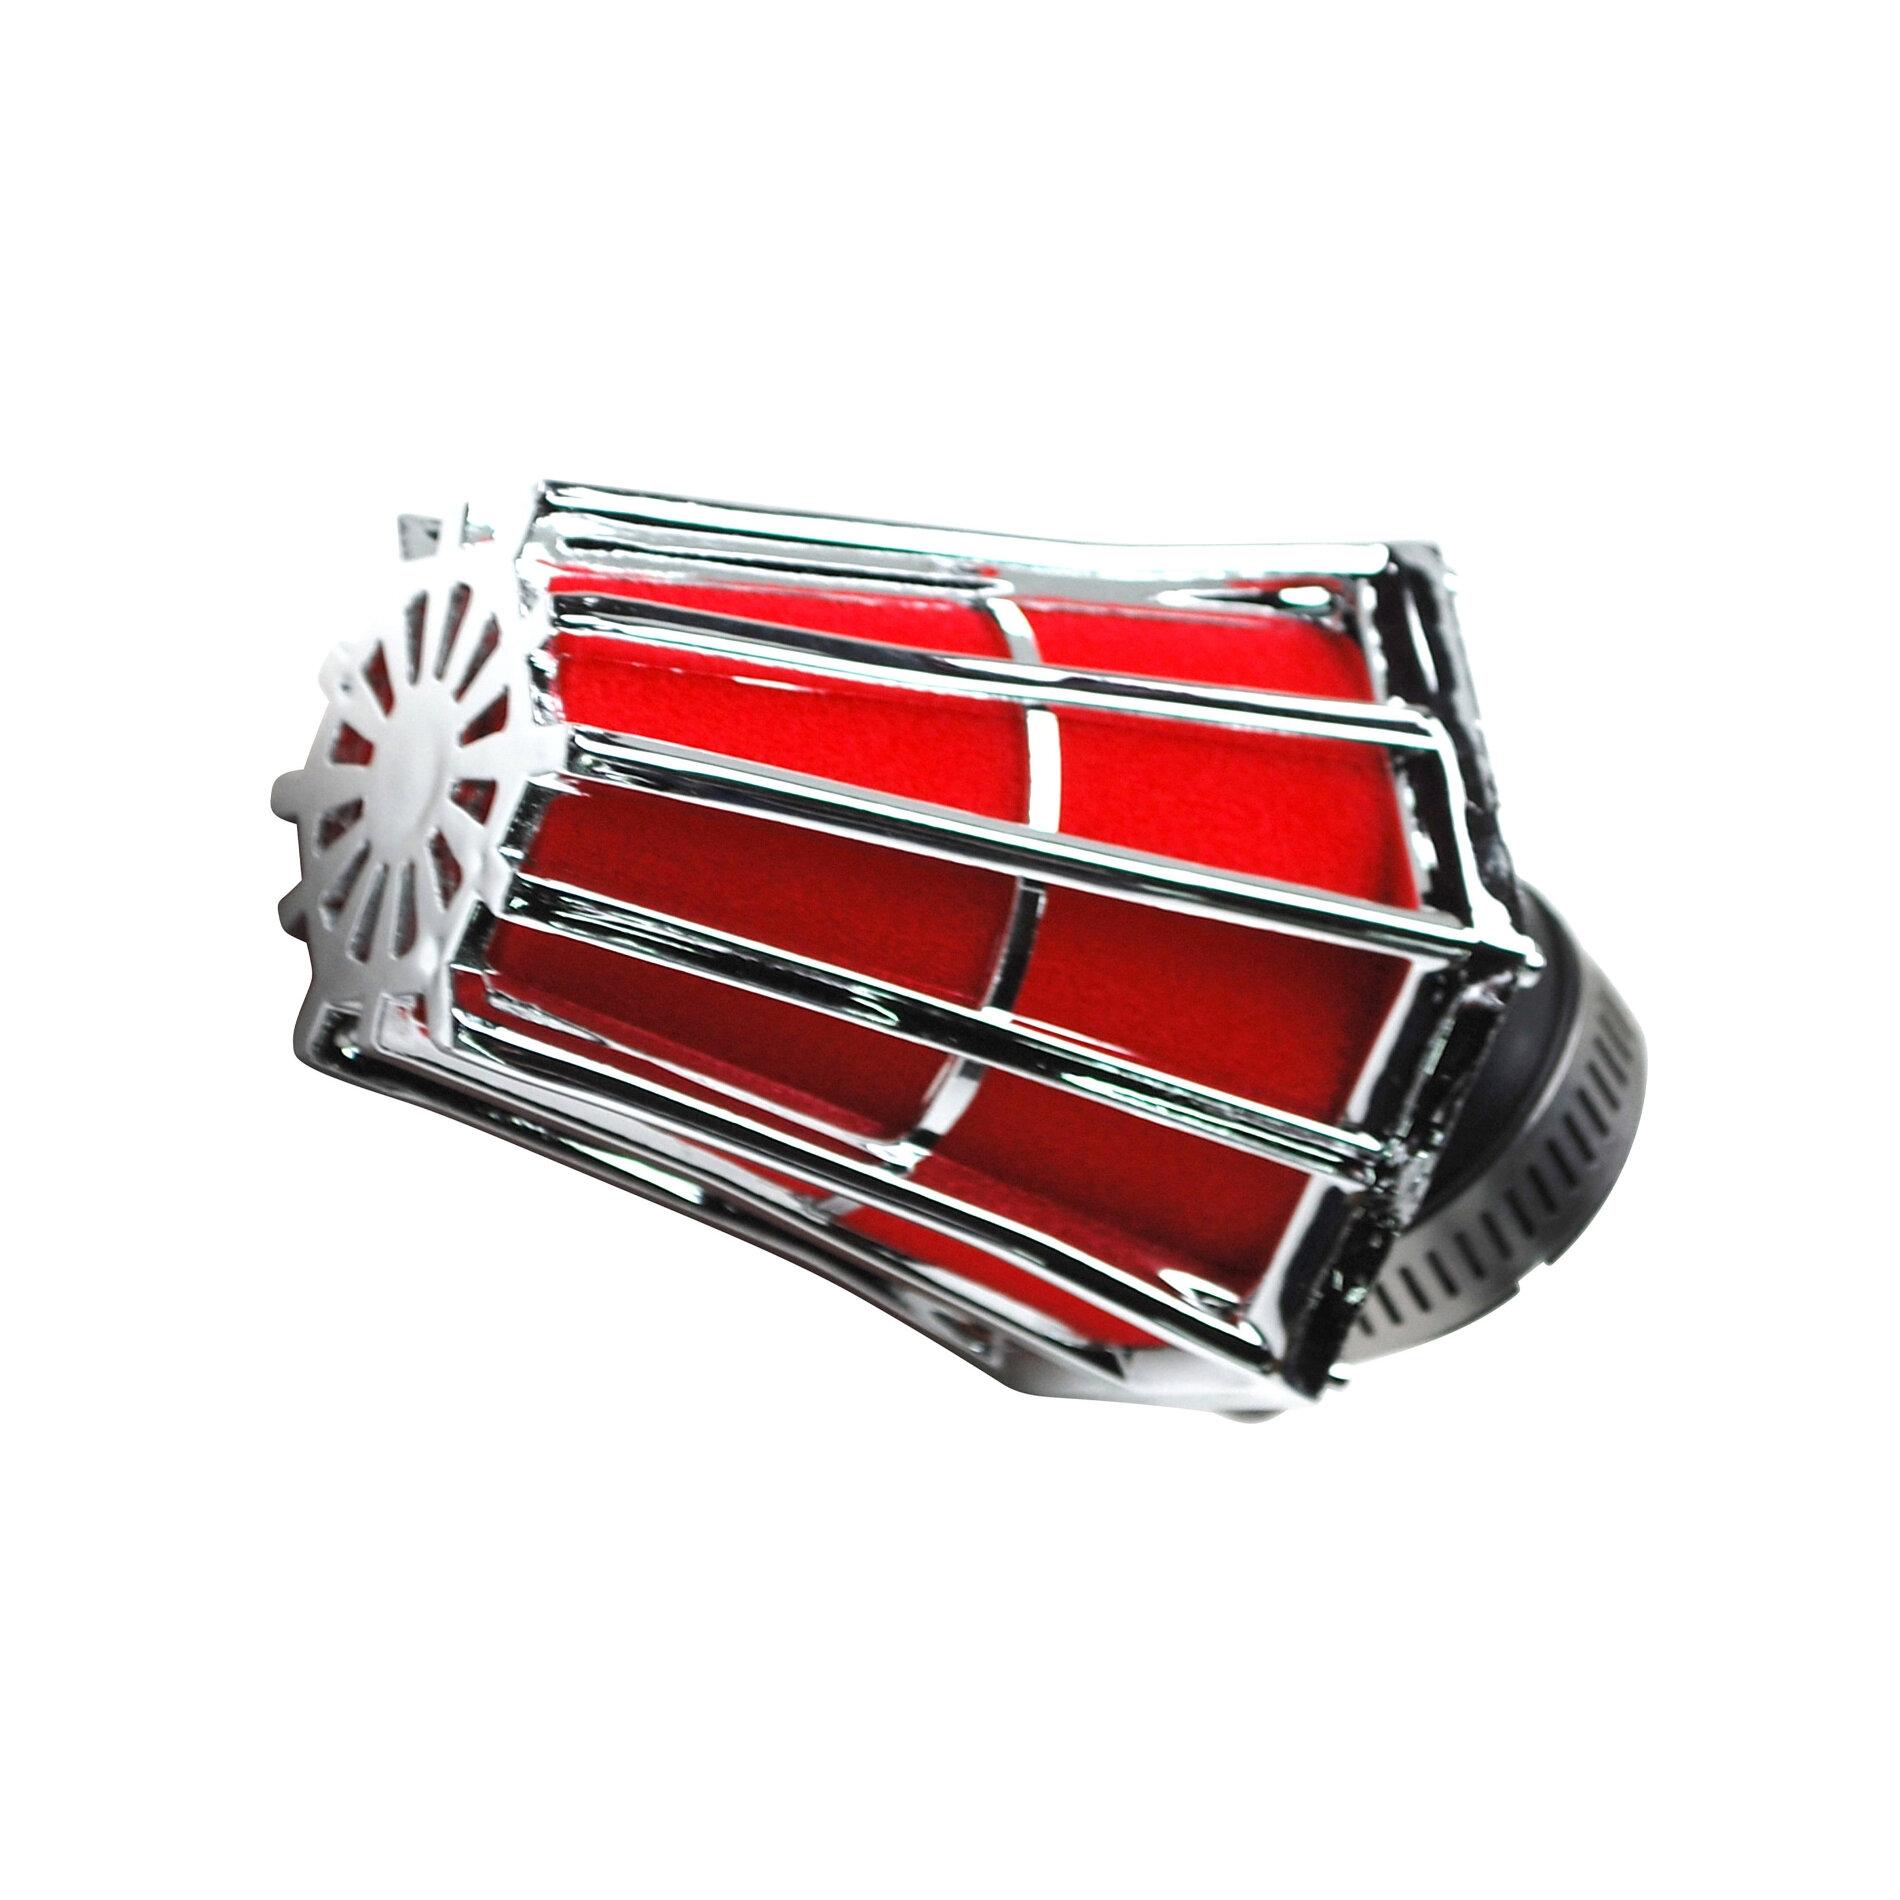 Filtre à air Hexagonal fixation à 30 D.28-35 mousse Rouge - Noir